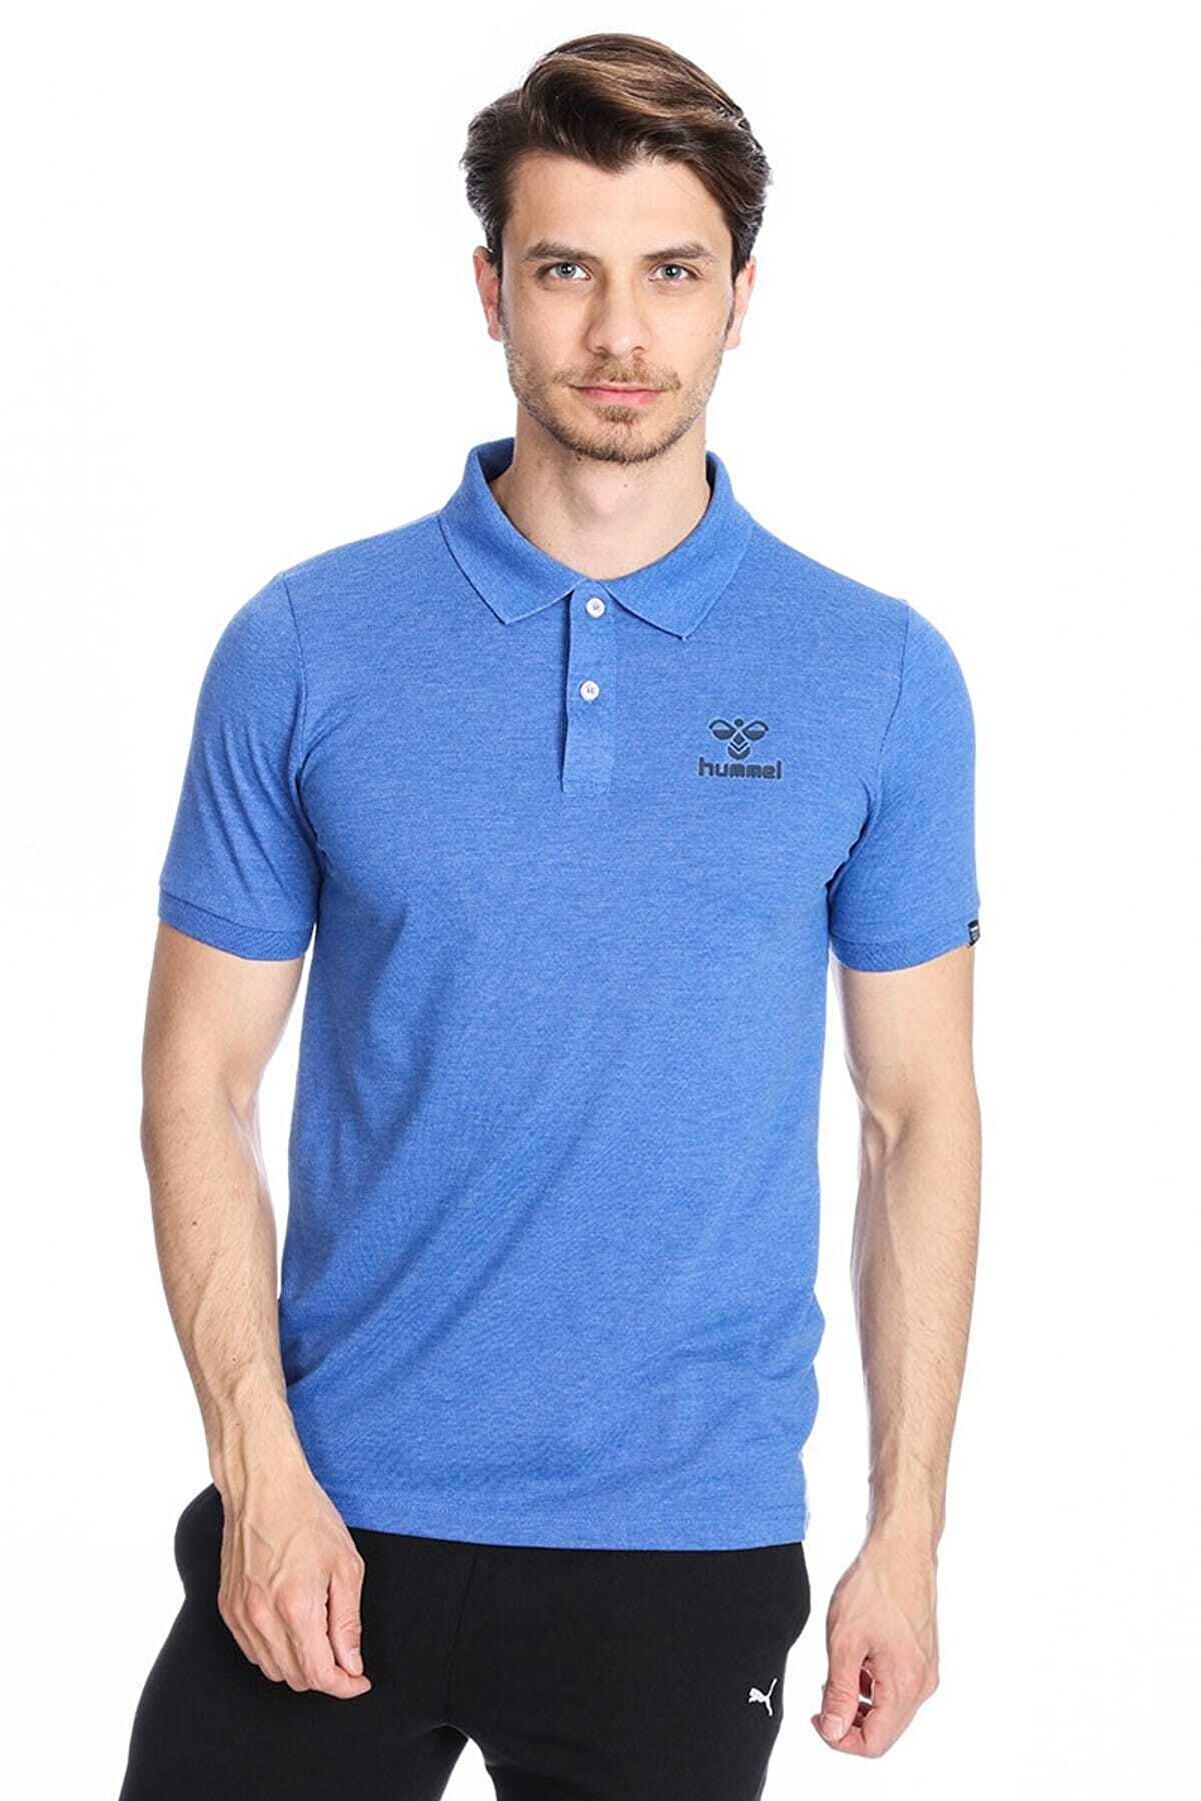 HUMMEL Erkek T-shirt Fanen Polo - 910554